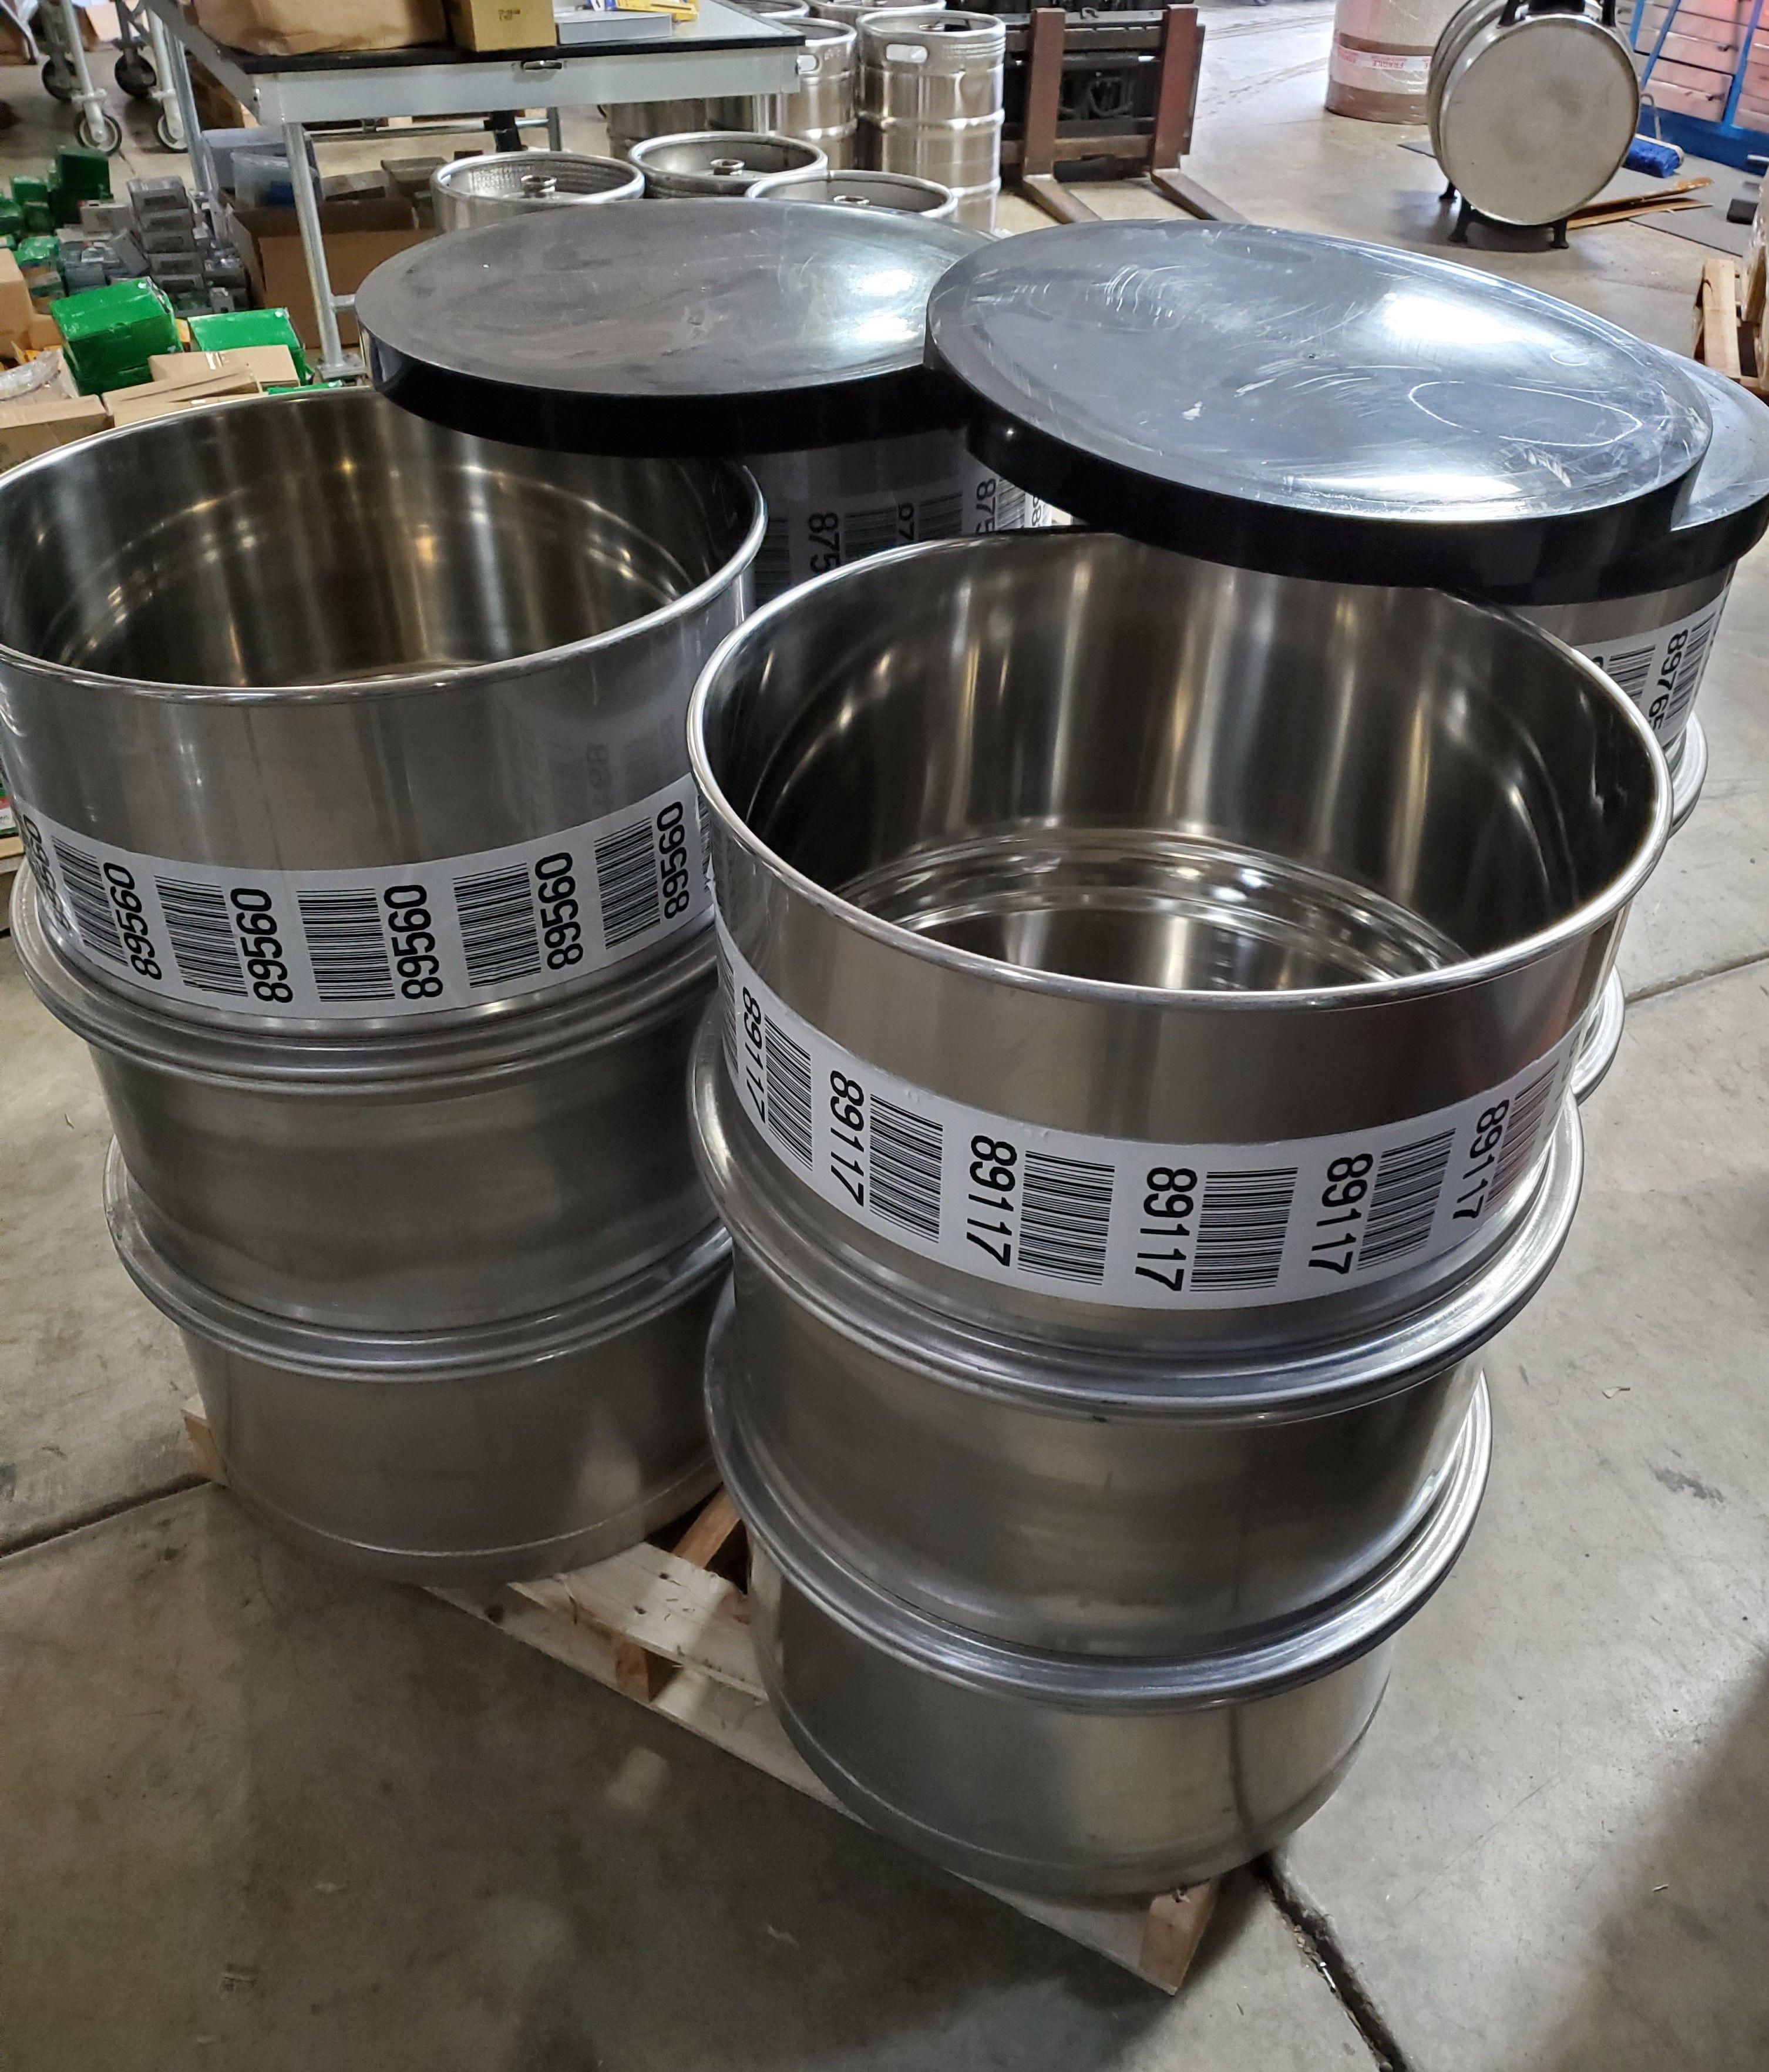 55 Gallon Used Stainless Steel Barrel Open Head In 2020 Stainless Steel Drum Stainless Steel Accessories Steel Barrel